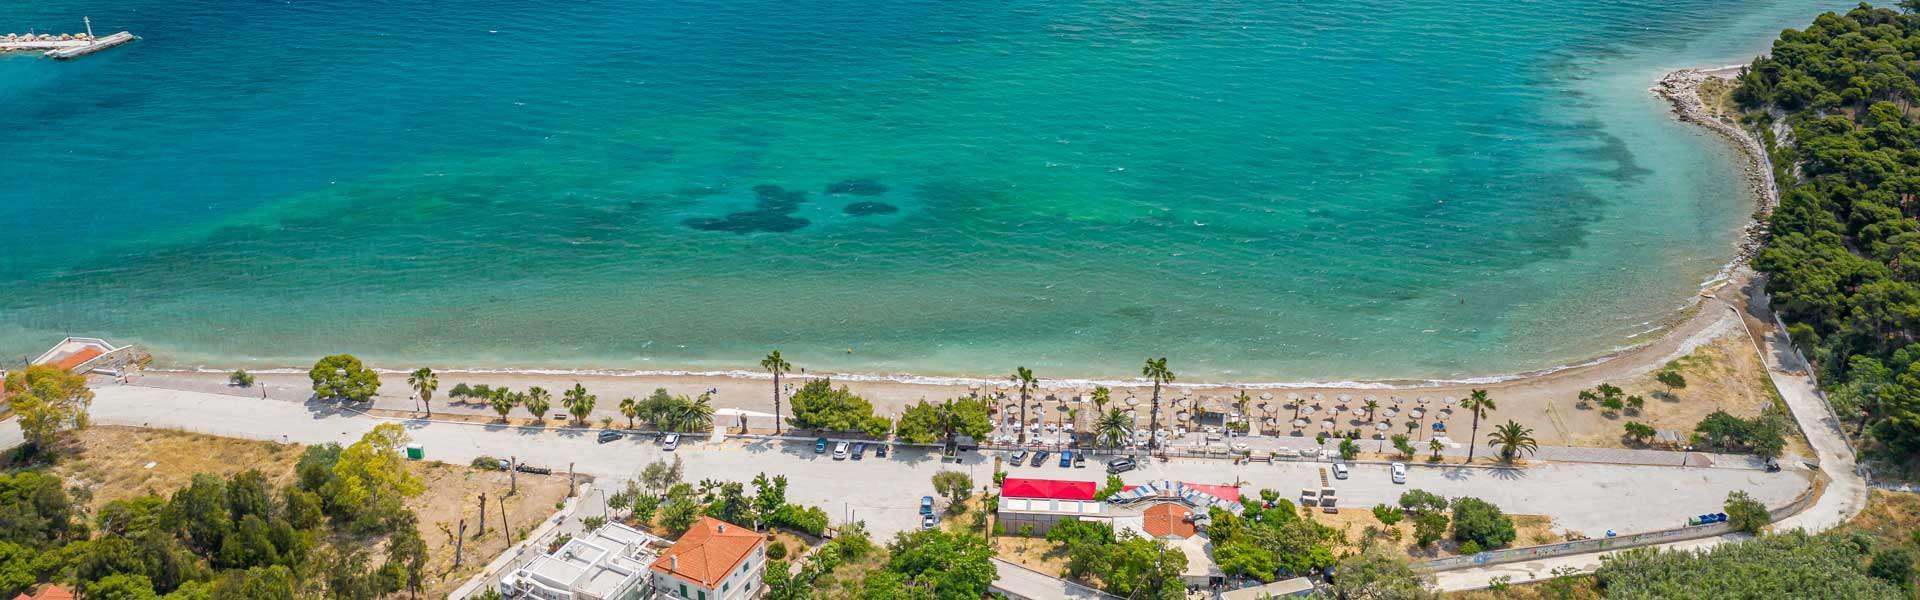 Παραλία Ίσθμια - Καλαμάκι